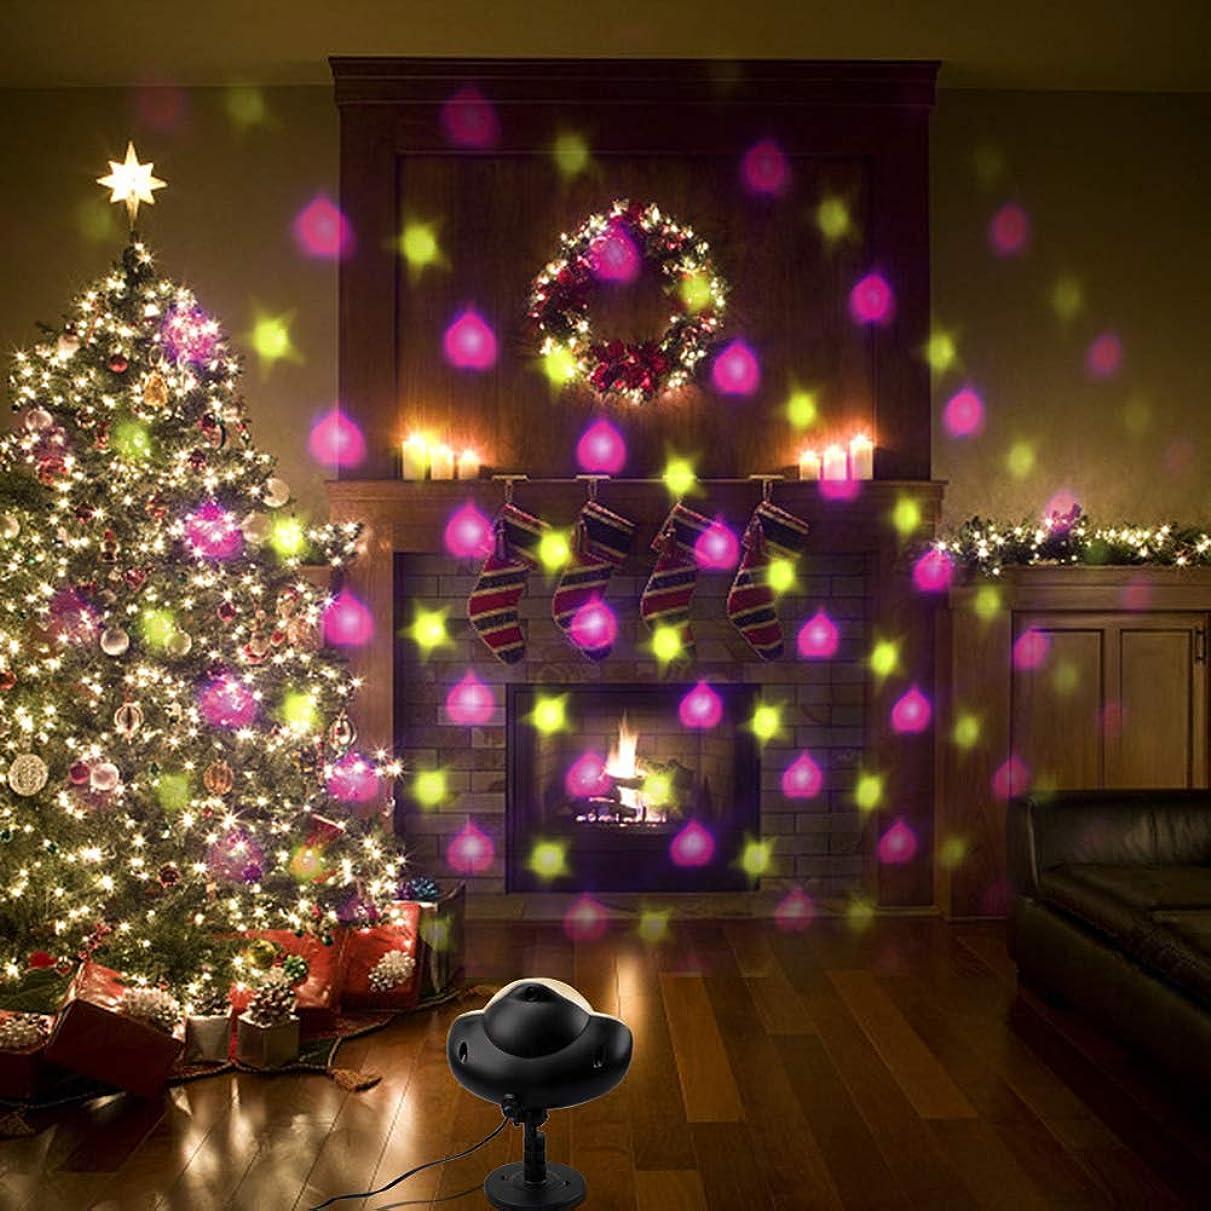 タイトスイッチペナルティクリスマスハロウィンギフトスノーフレークライト芝生ライトミニ LED プロジェクター防水爪超高輝度リムーバブルリモートコントロールの庭屋外バーに適した